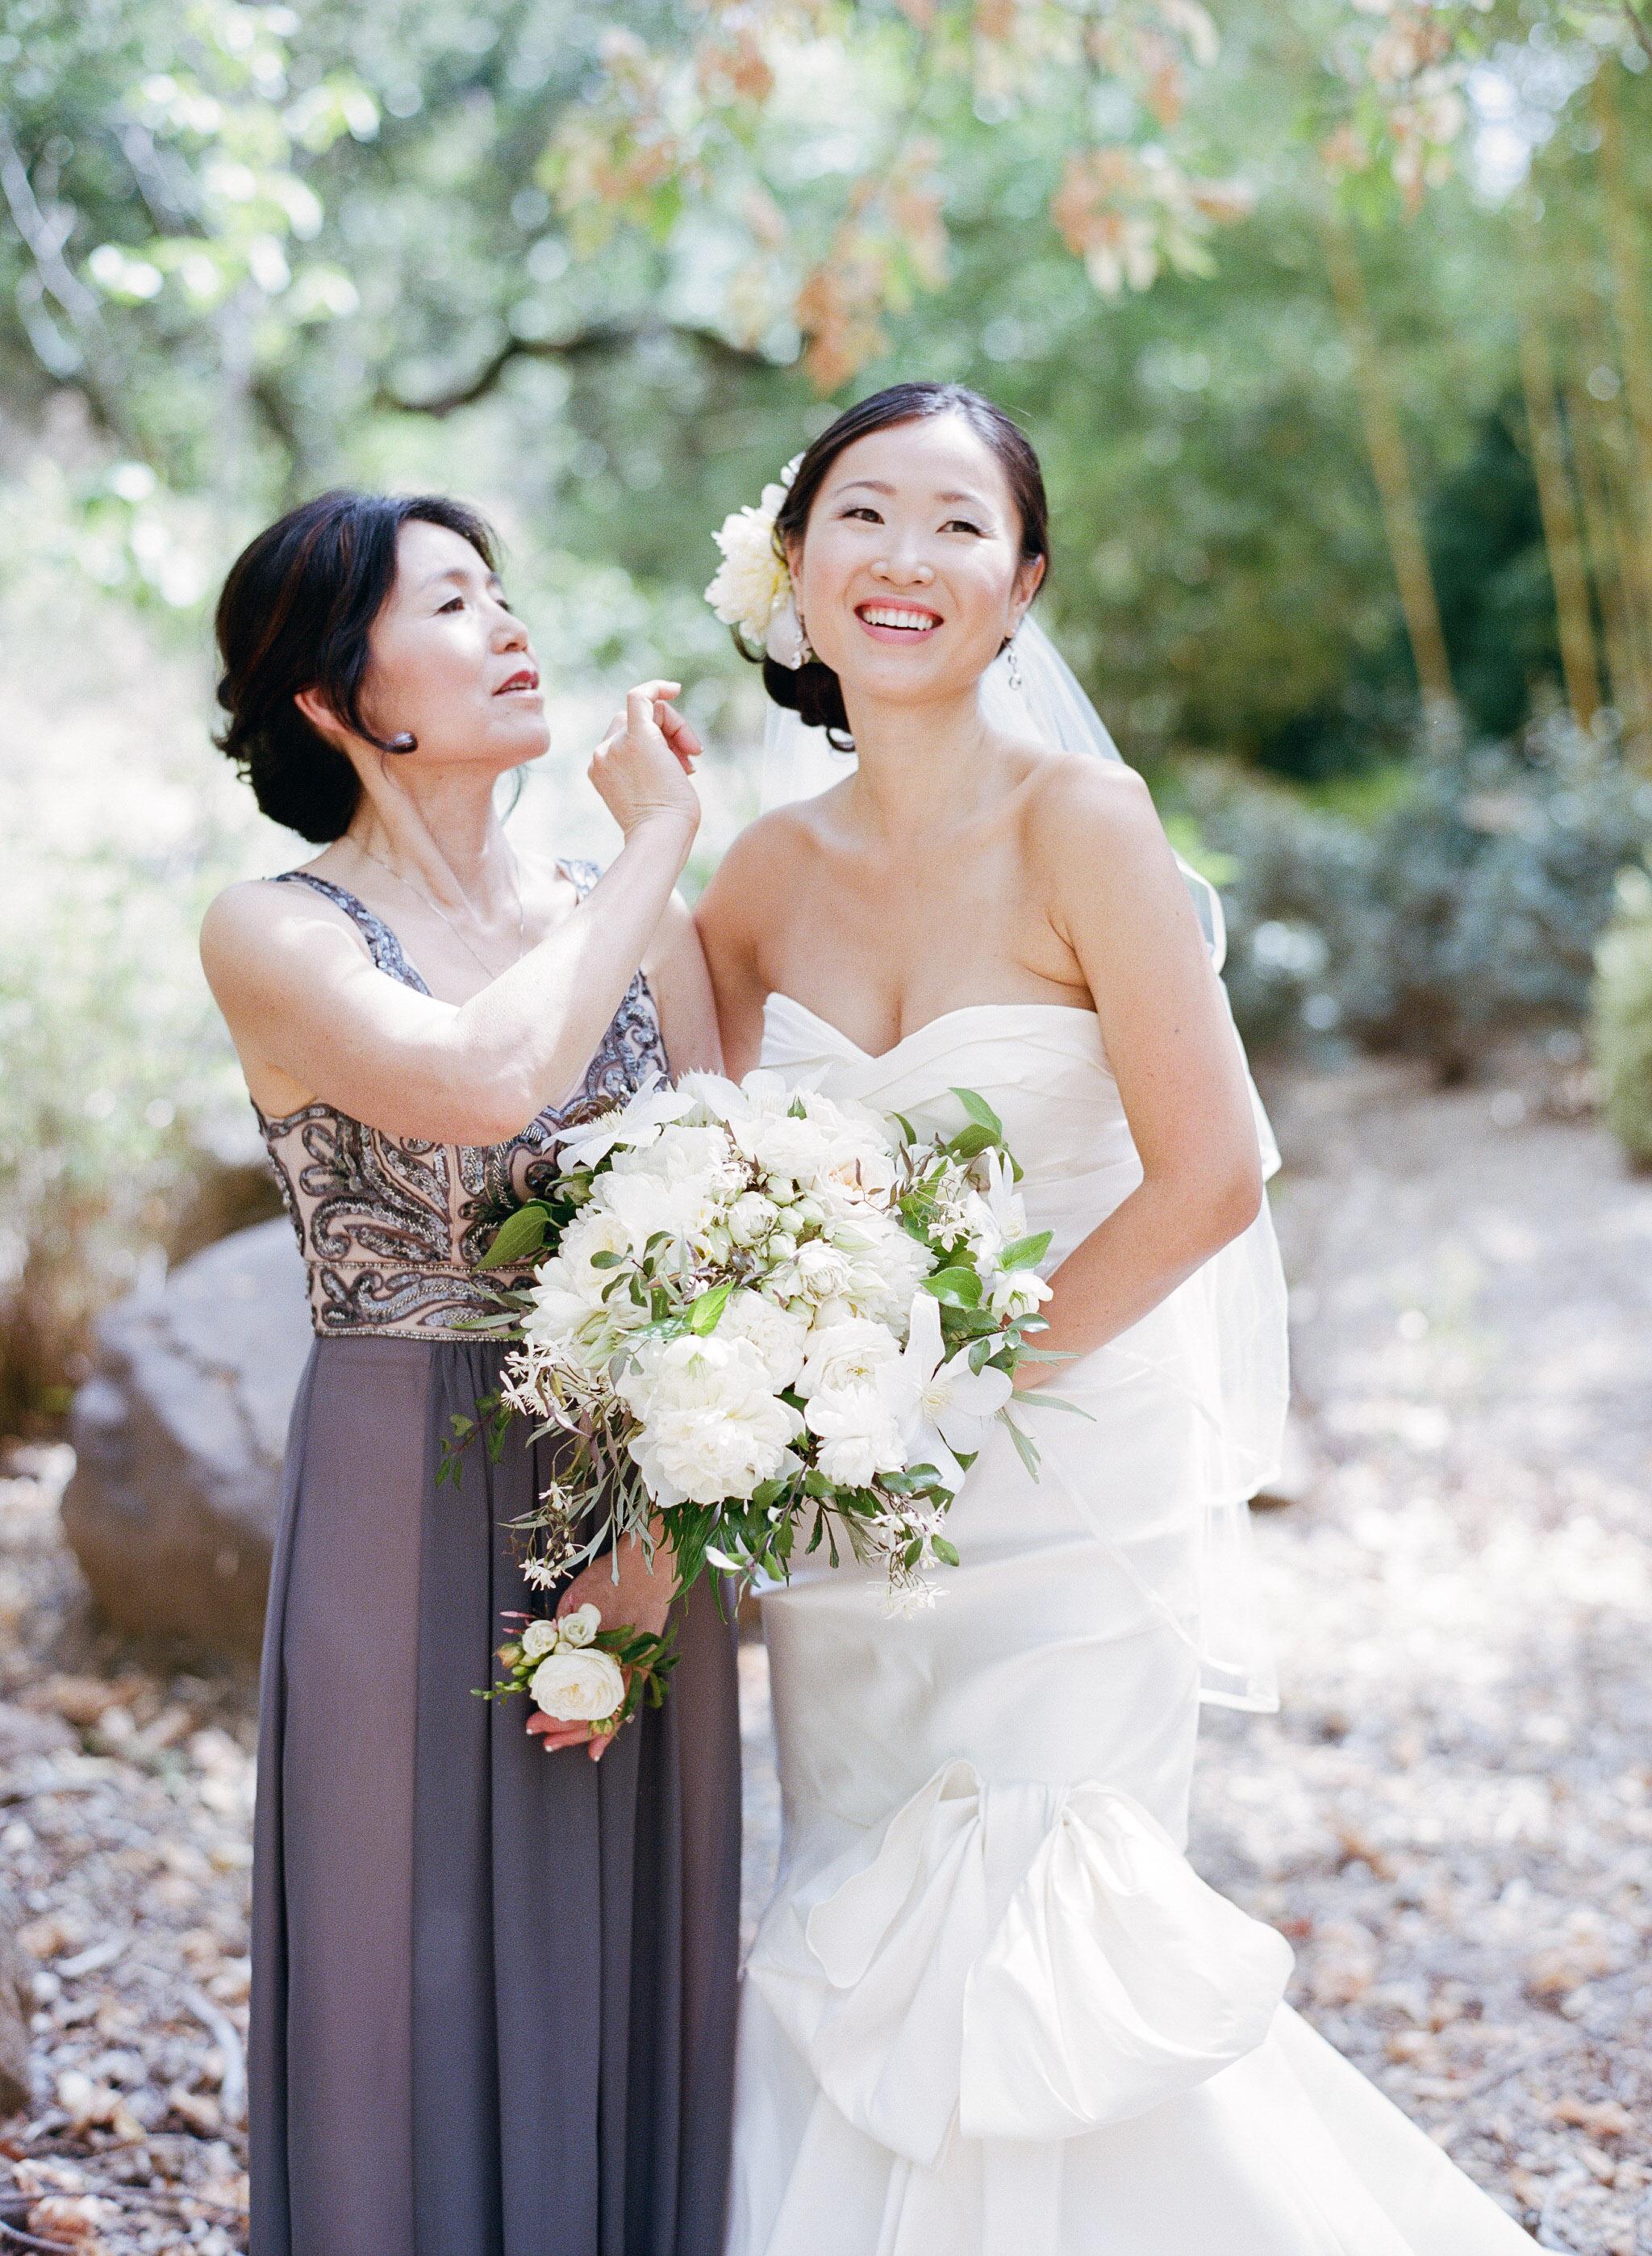 SylvieGil-Bride, Ceremony, Family, film, Groom, Napa, Reception, Wedding, Wedding Party-20.jpg